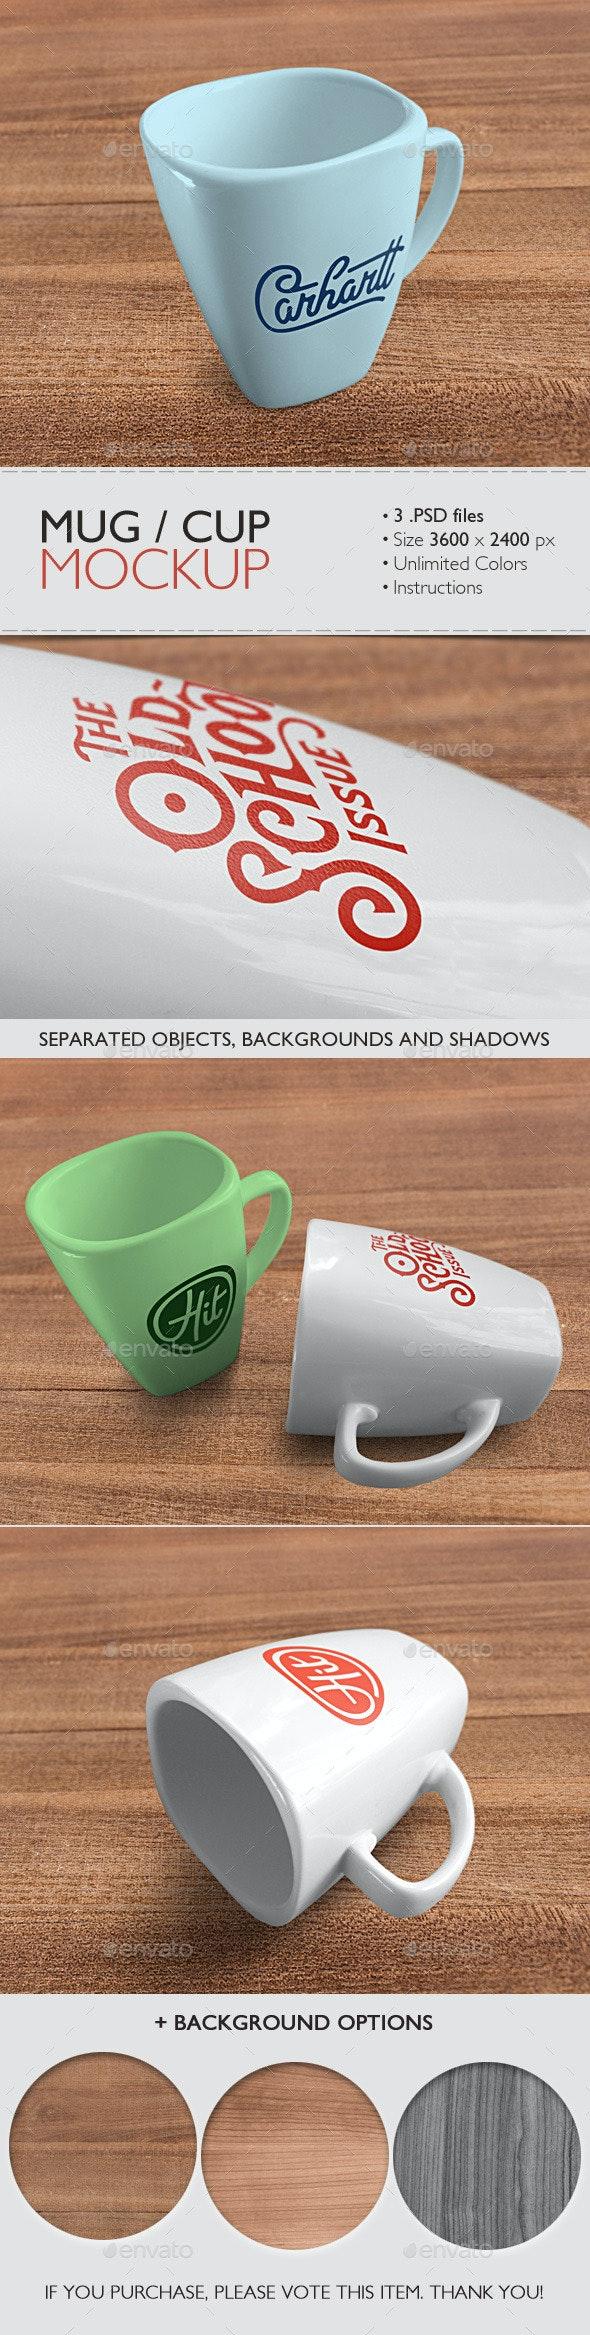 Mug/Cup Mockup - Product Mock-Ups Graphics